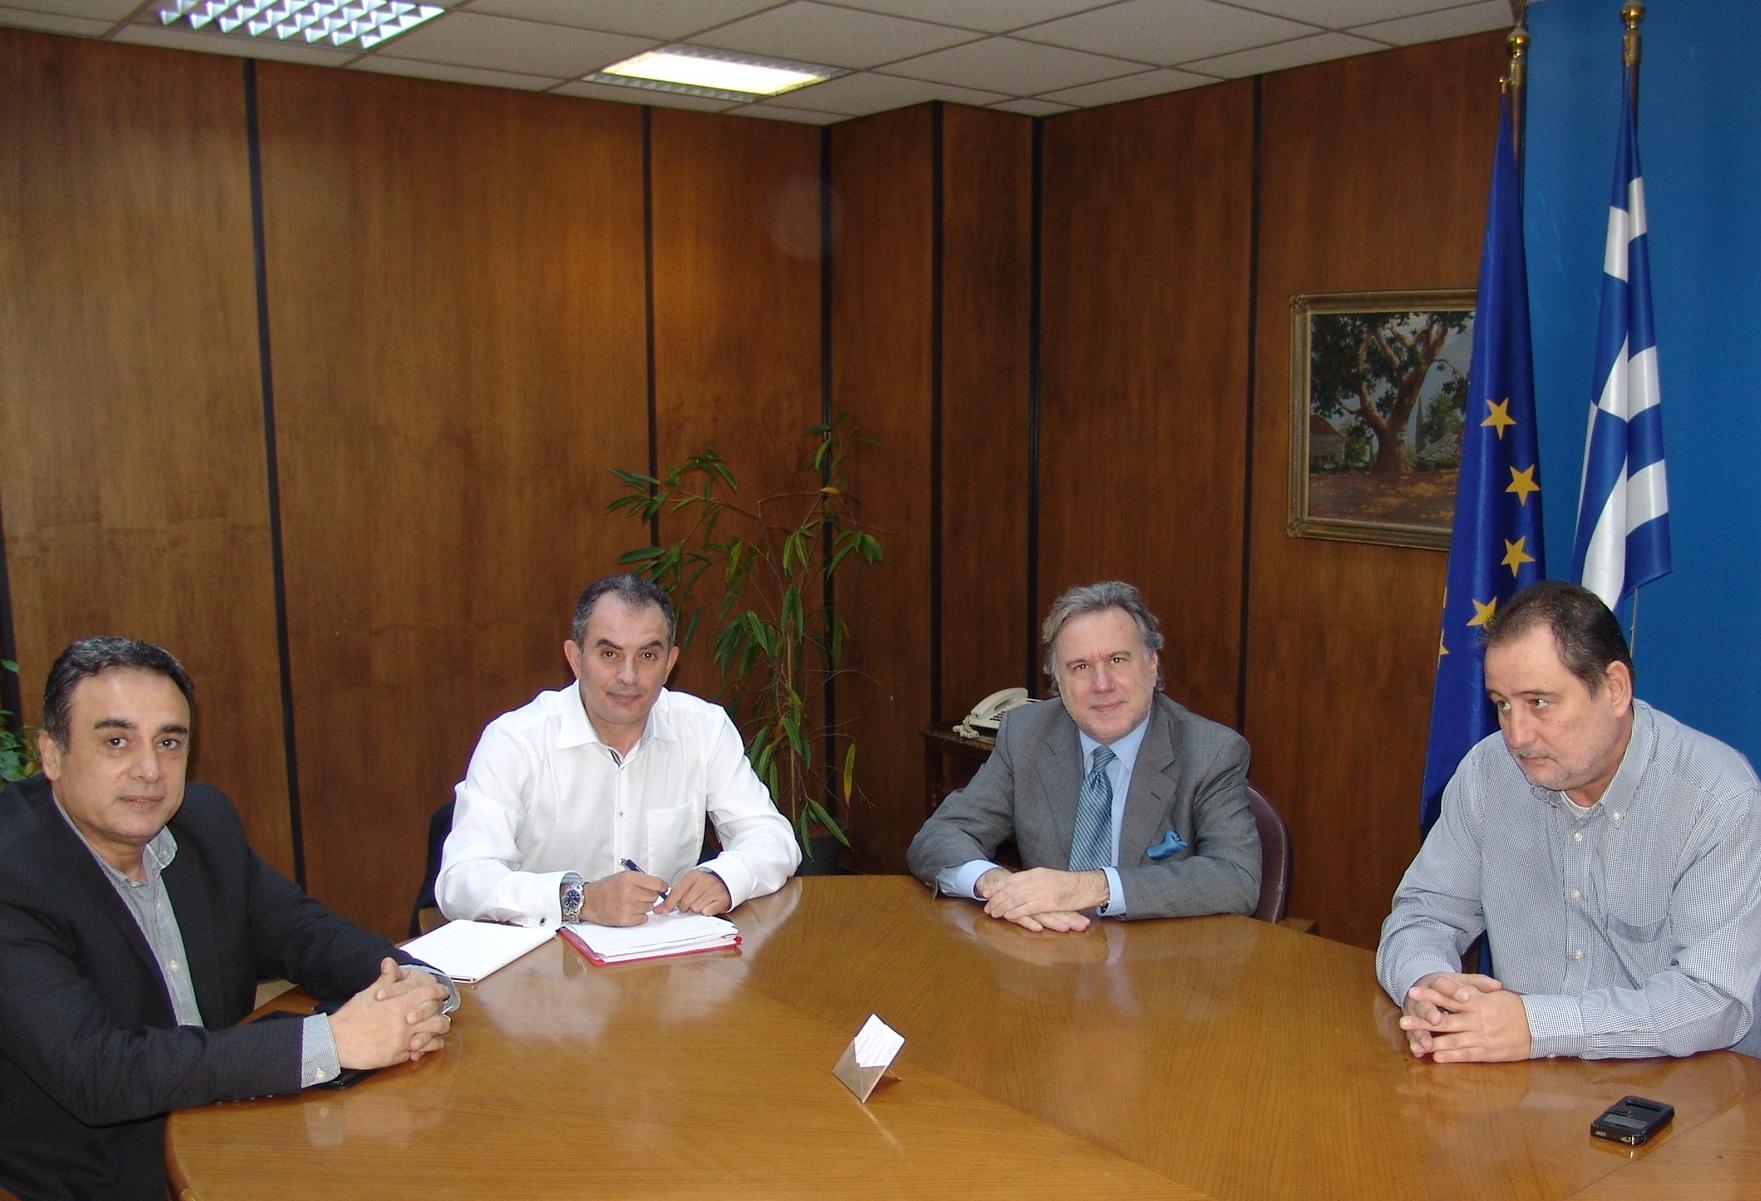 Με τον υπουργό Εργασίας συναντήθηκε το προεδρείο της ΓΕΝΟΠ/ΔΕΗ